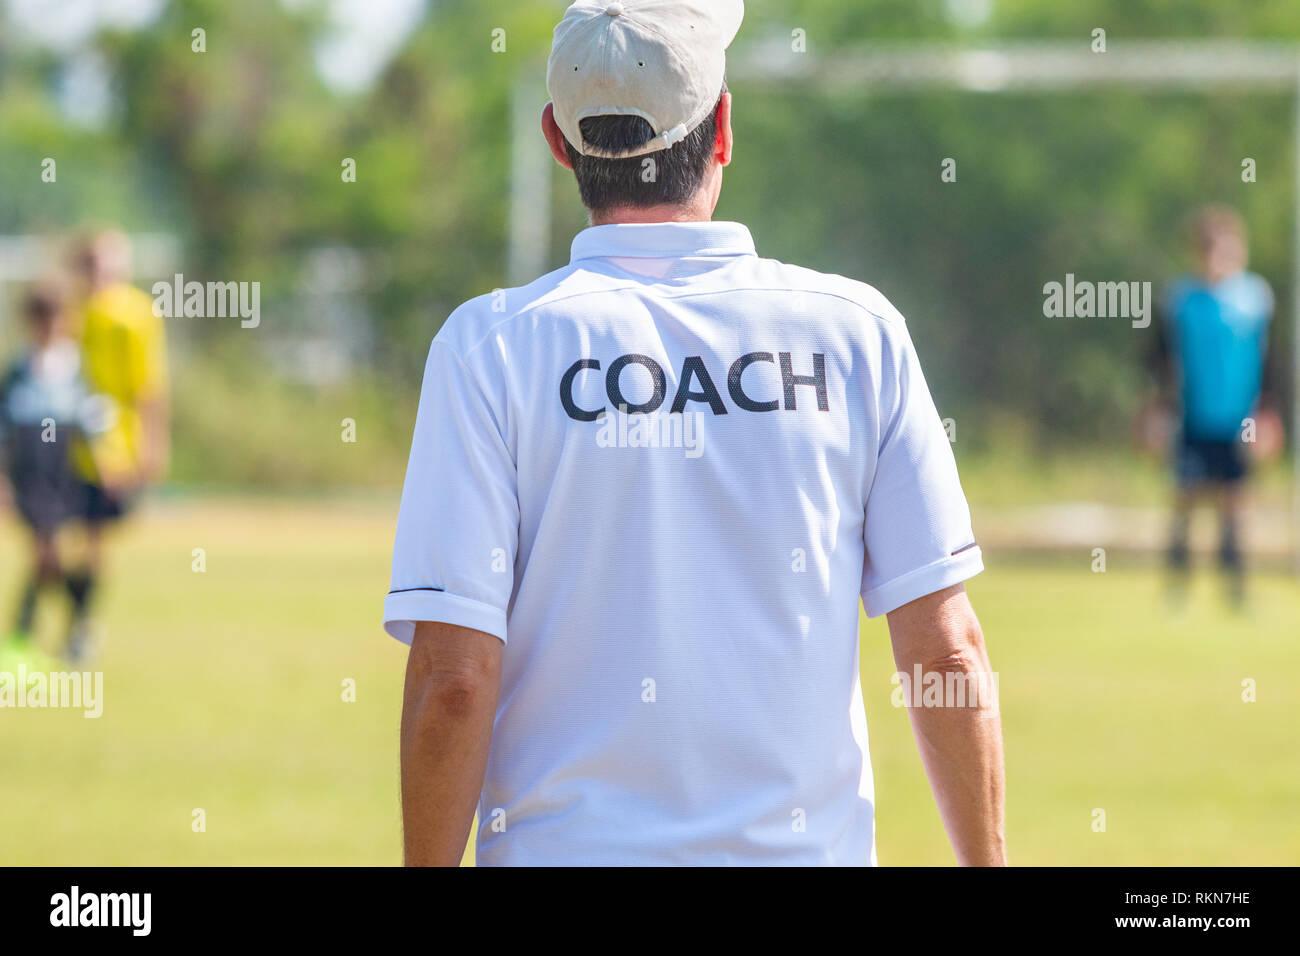 Zuruck Der Mannlichen Fussball Trainer Tragen Weisse Trainer T